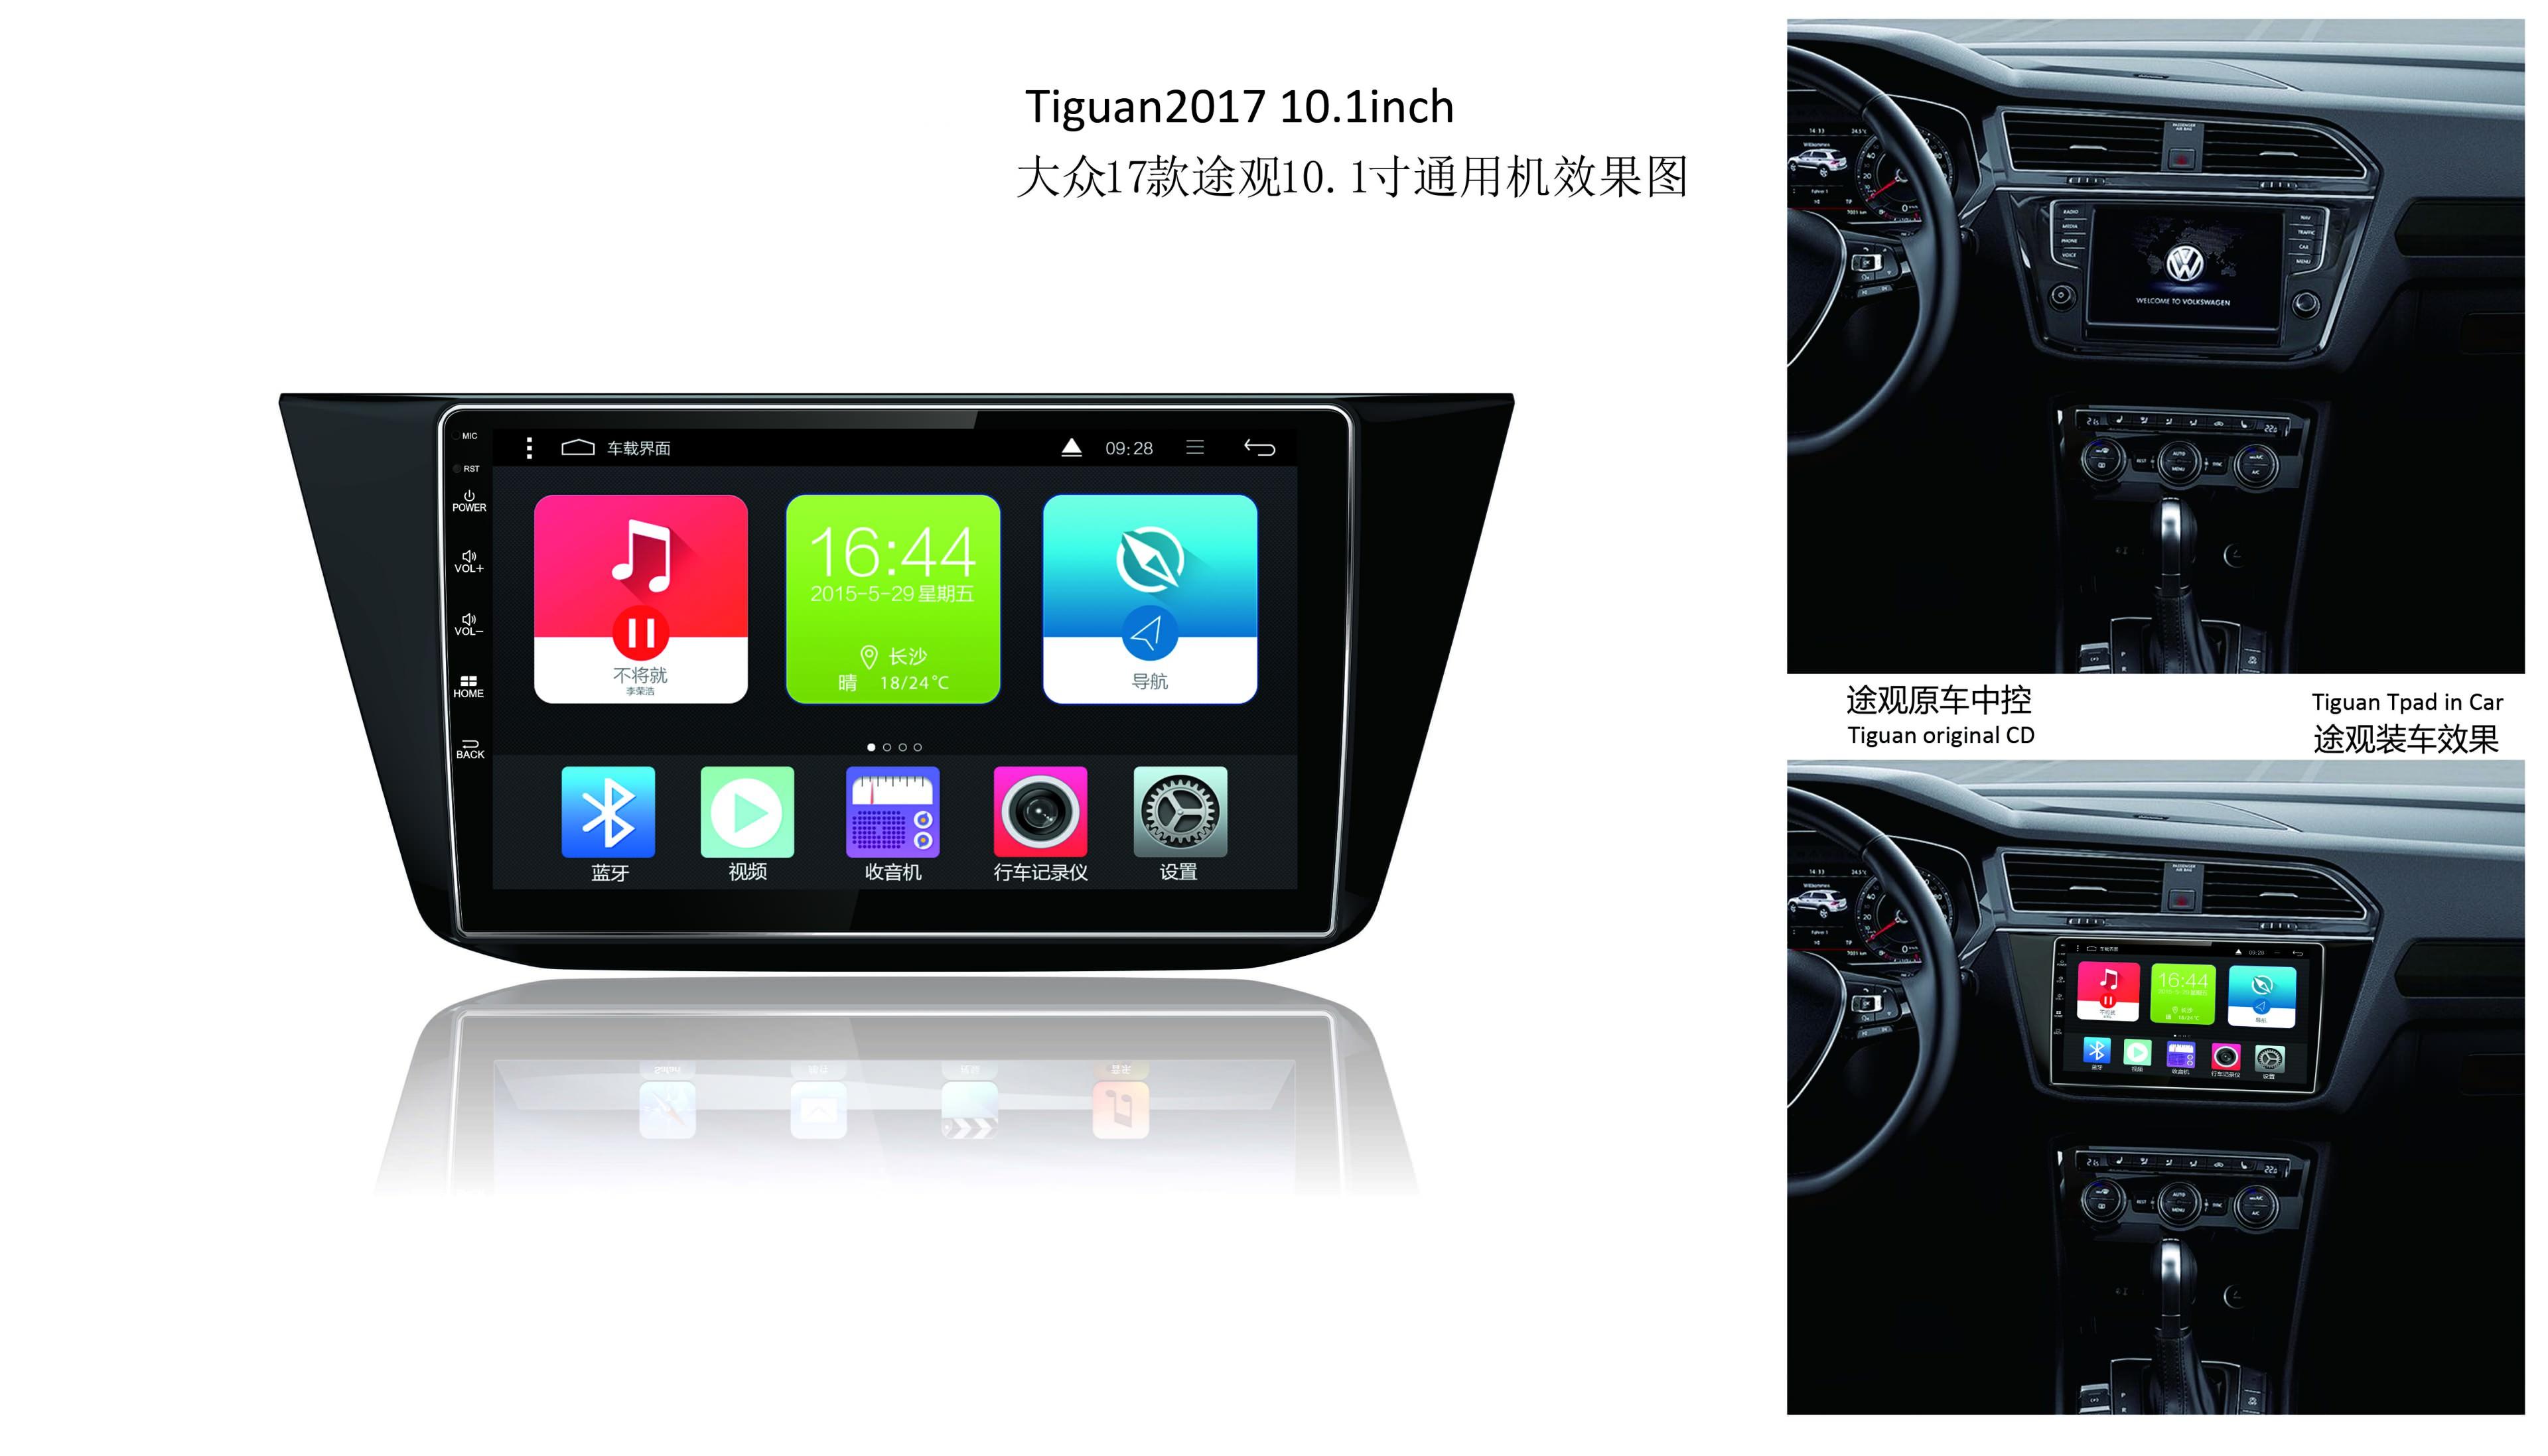 Штатная магнитола CARMEDIA TP-VW023 DVD Volkswagen Tiguan 2016+ штатная магнитола carmedia mkd 1022 dvd volkswagen tiguan 2016